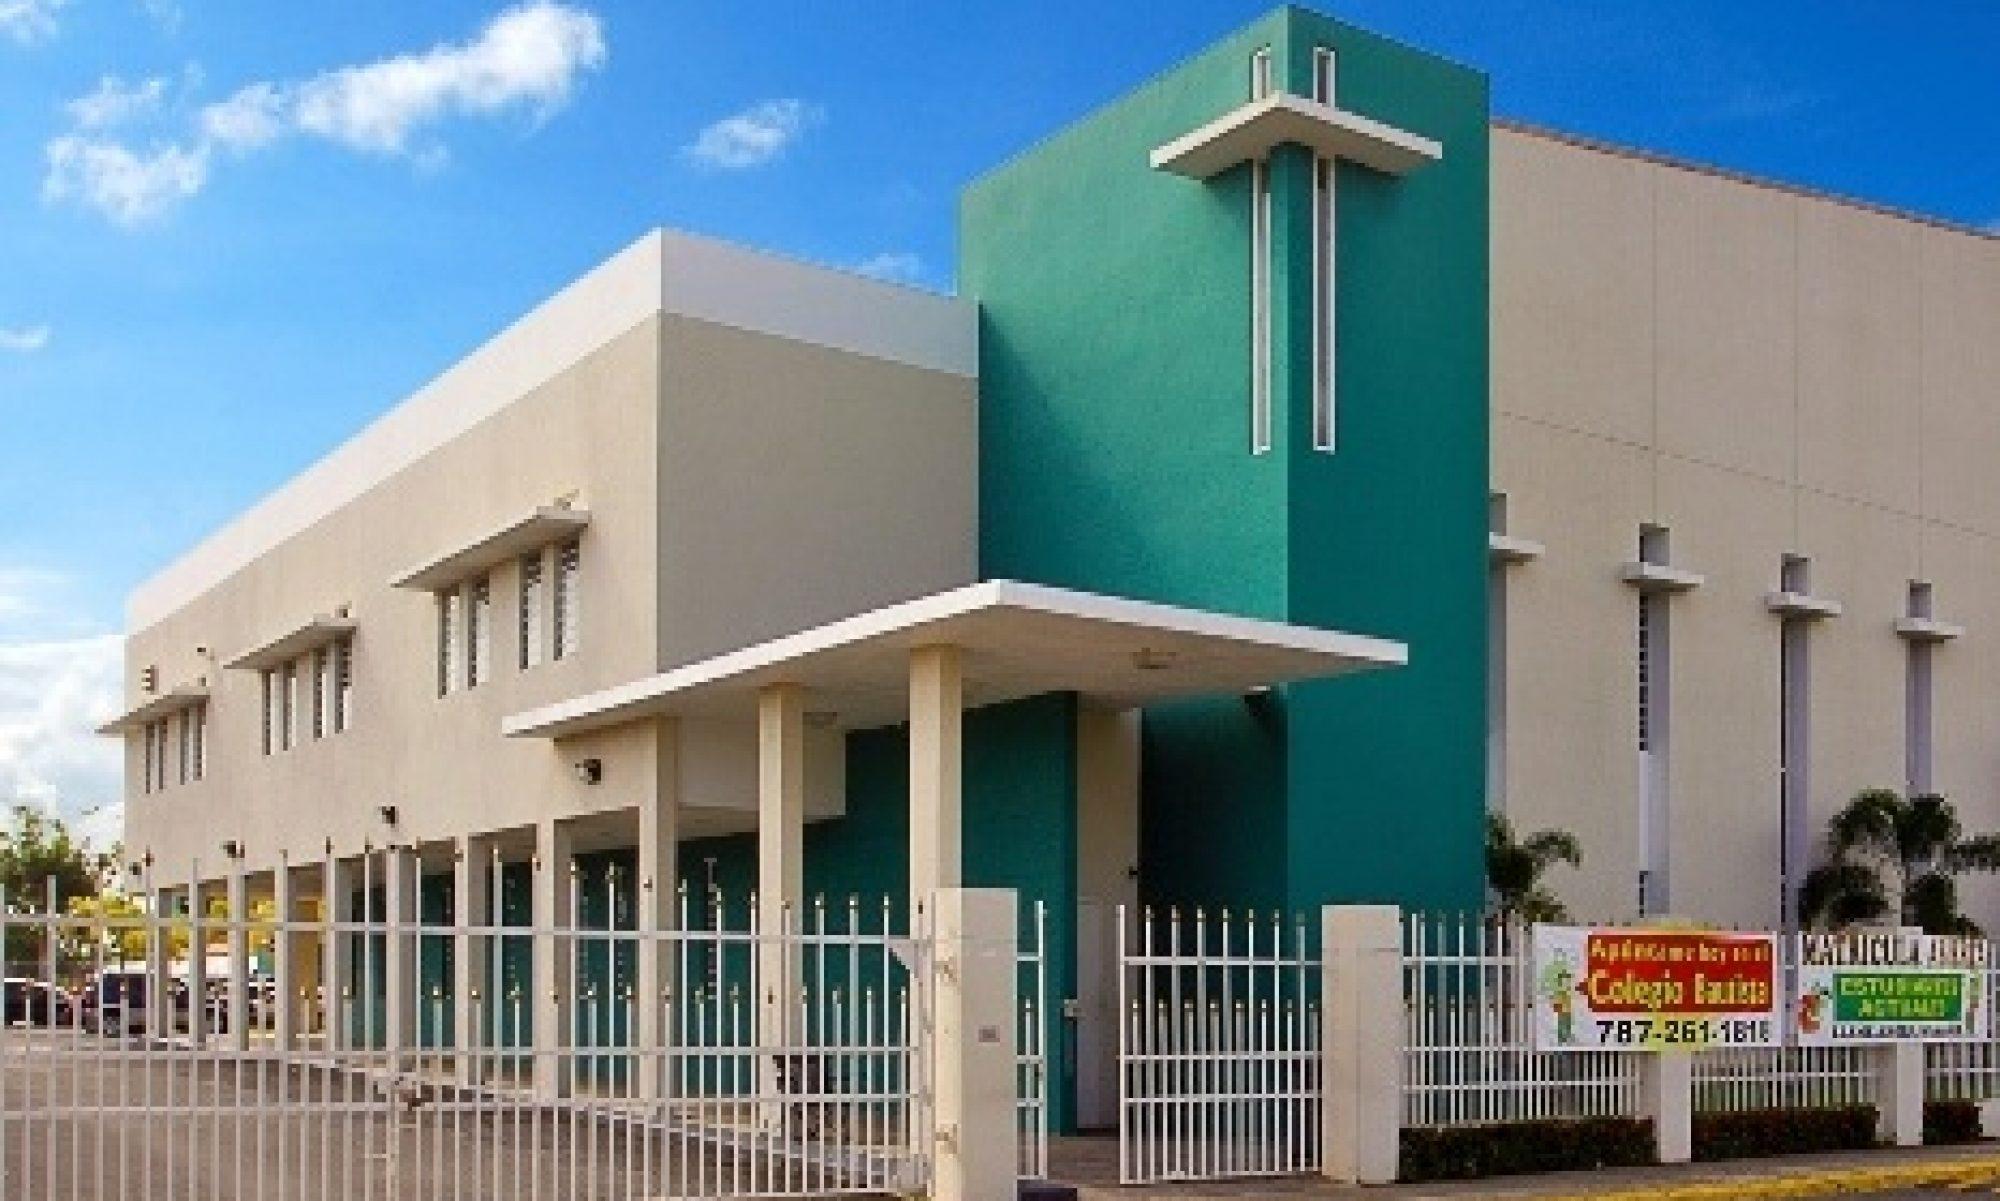 Colegio Bautista de Levittown